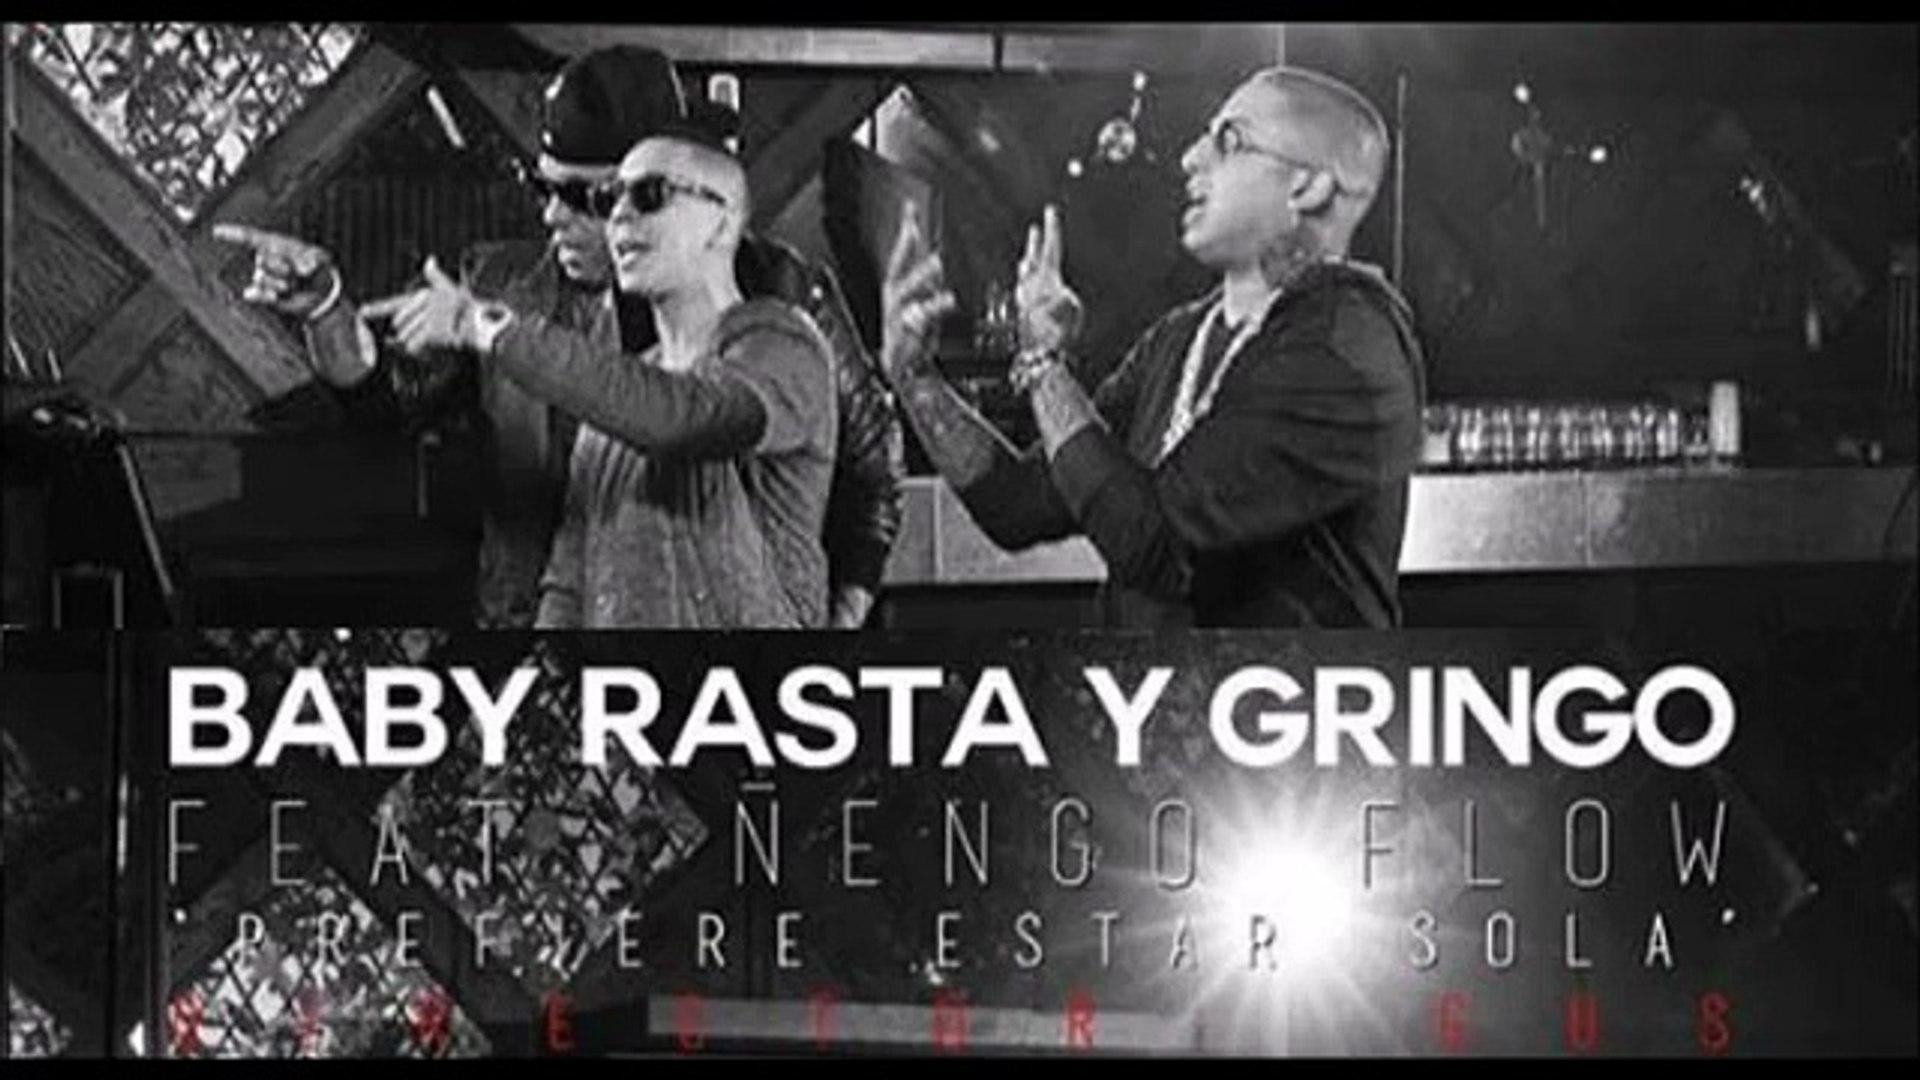 Prefiere Estar Sola Baby Rasta Y Gringo X Nengo Flow Vidéo Dailymotion